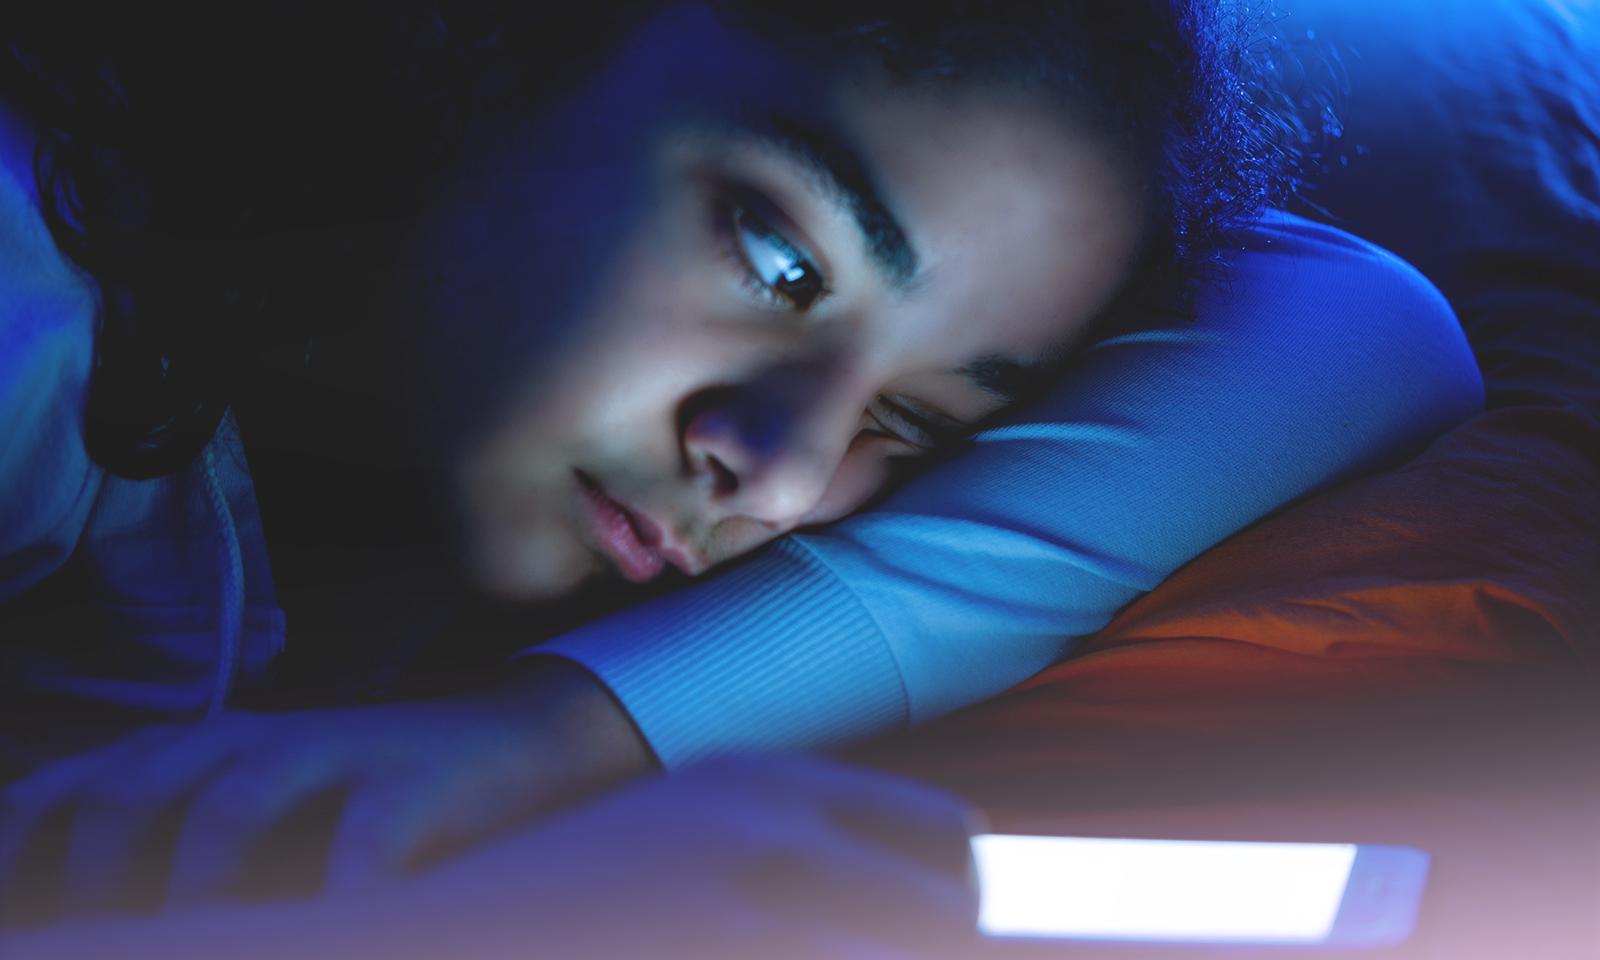 Les écrans, pas trop bon pour le sommeil